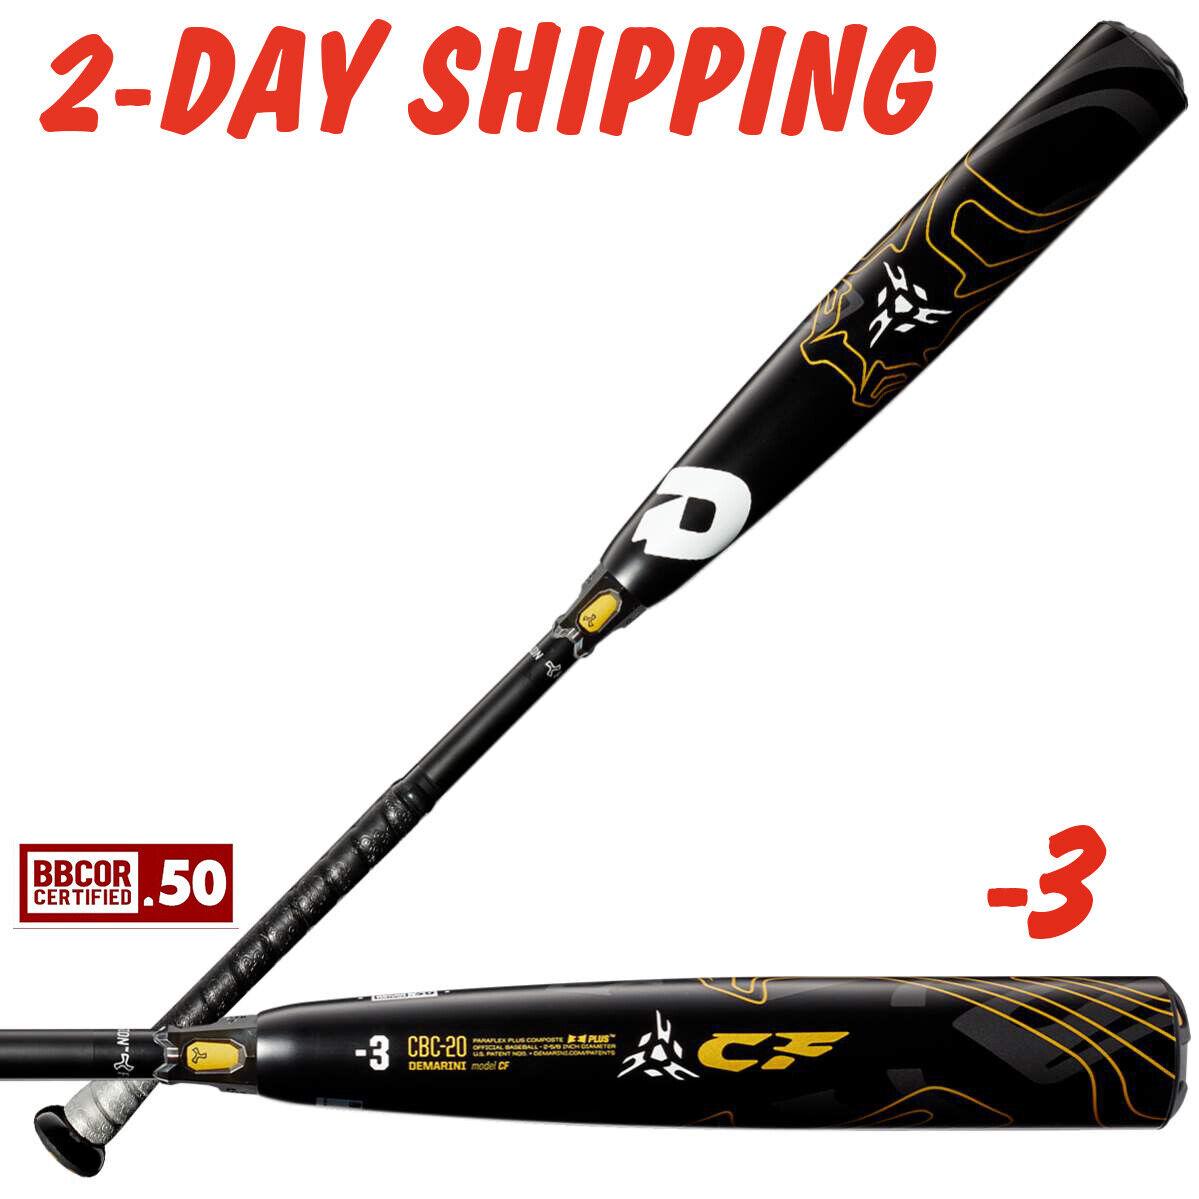 2020 Demarini cf (Zen)  Bbcor bate de béisbol 31  28 OZ wtdxcbc  el envío en 2 días